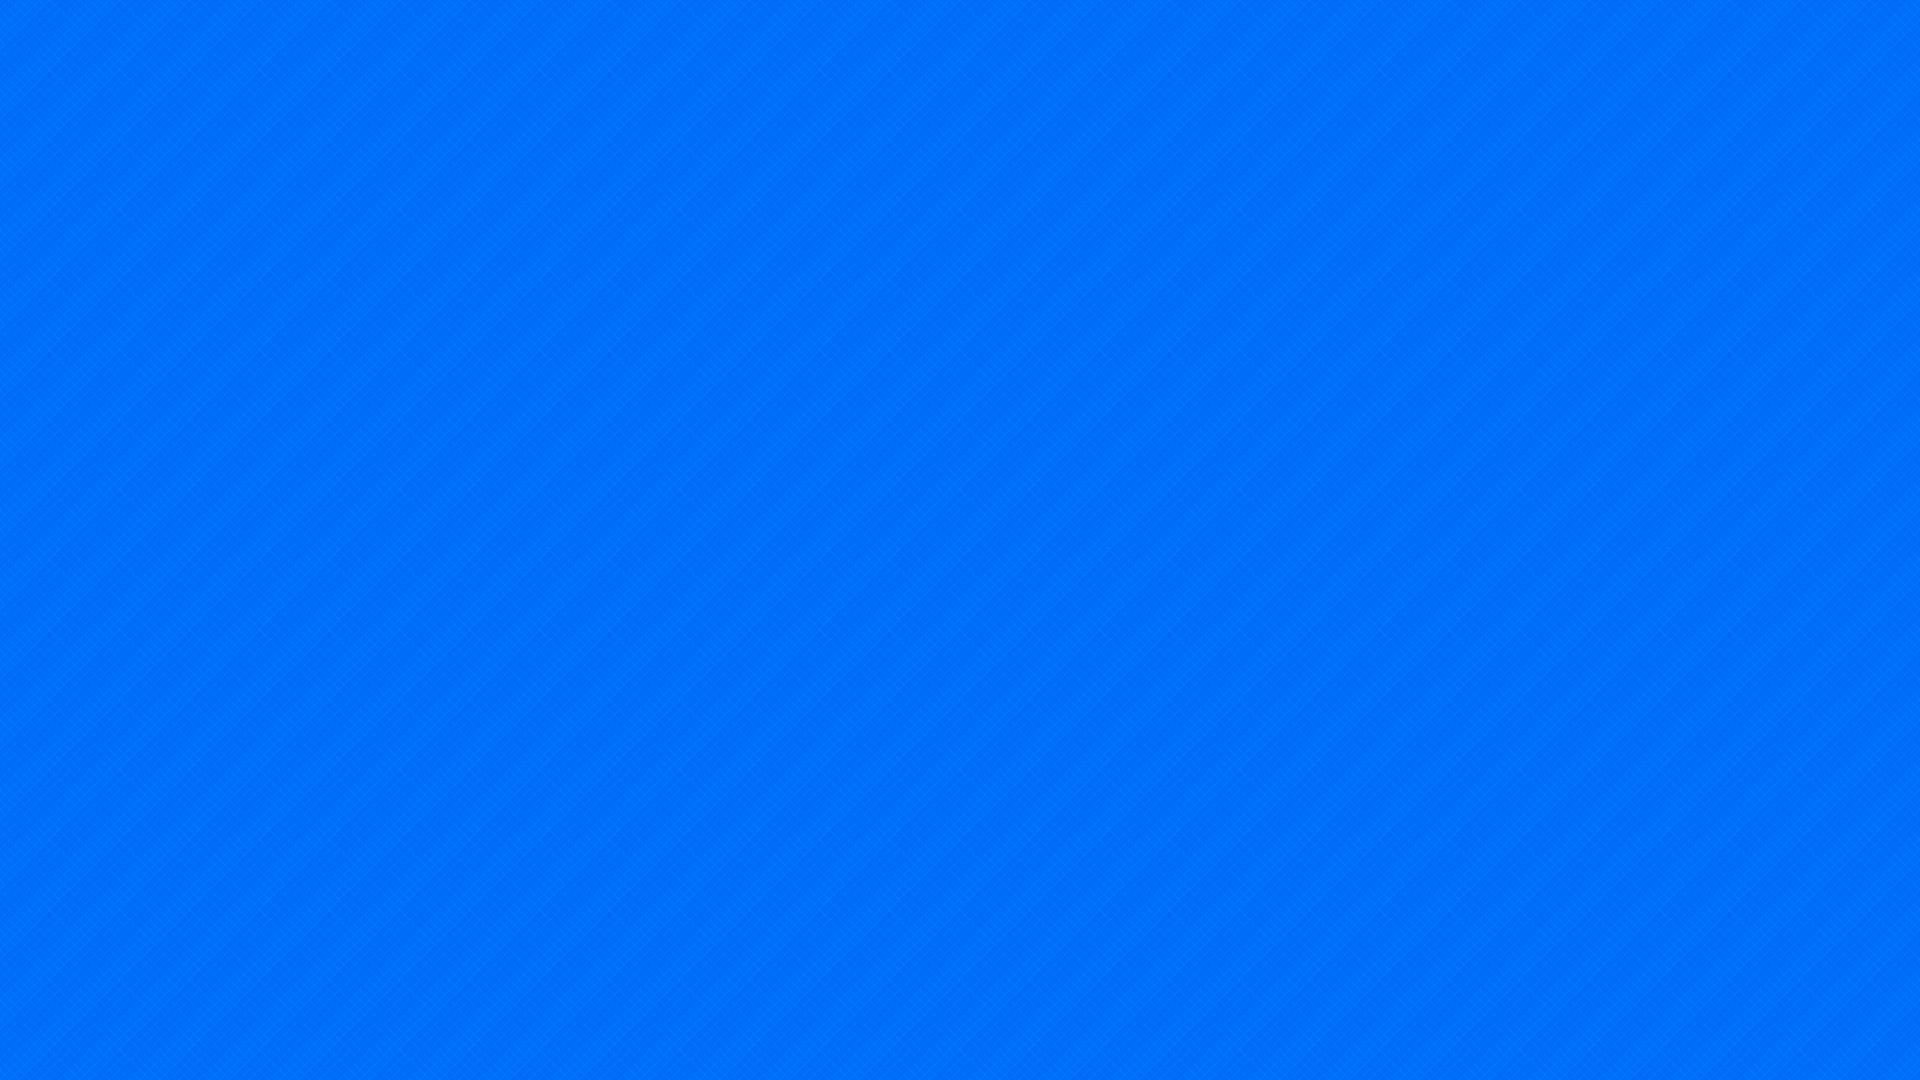 parallax-1920x1080_blue